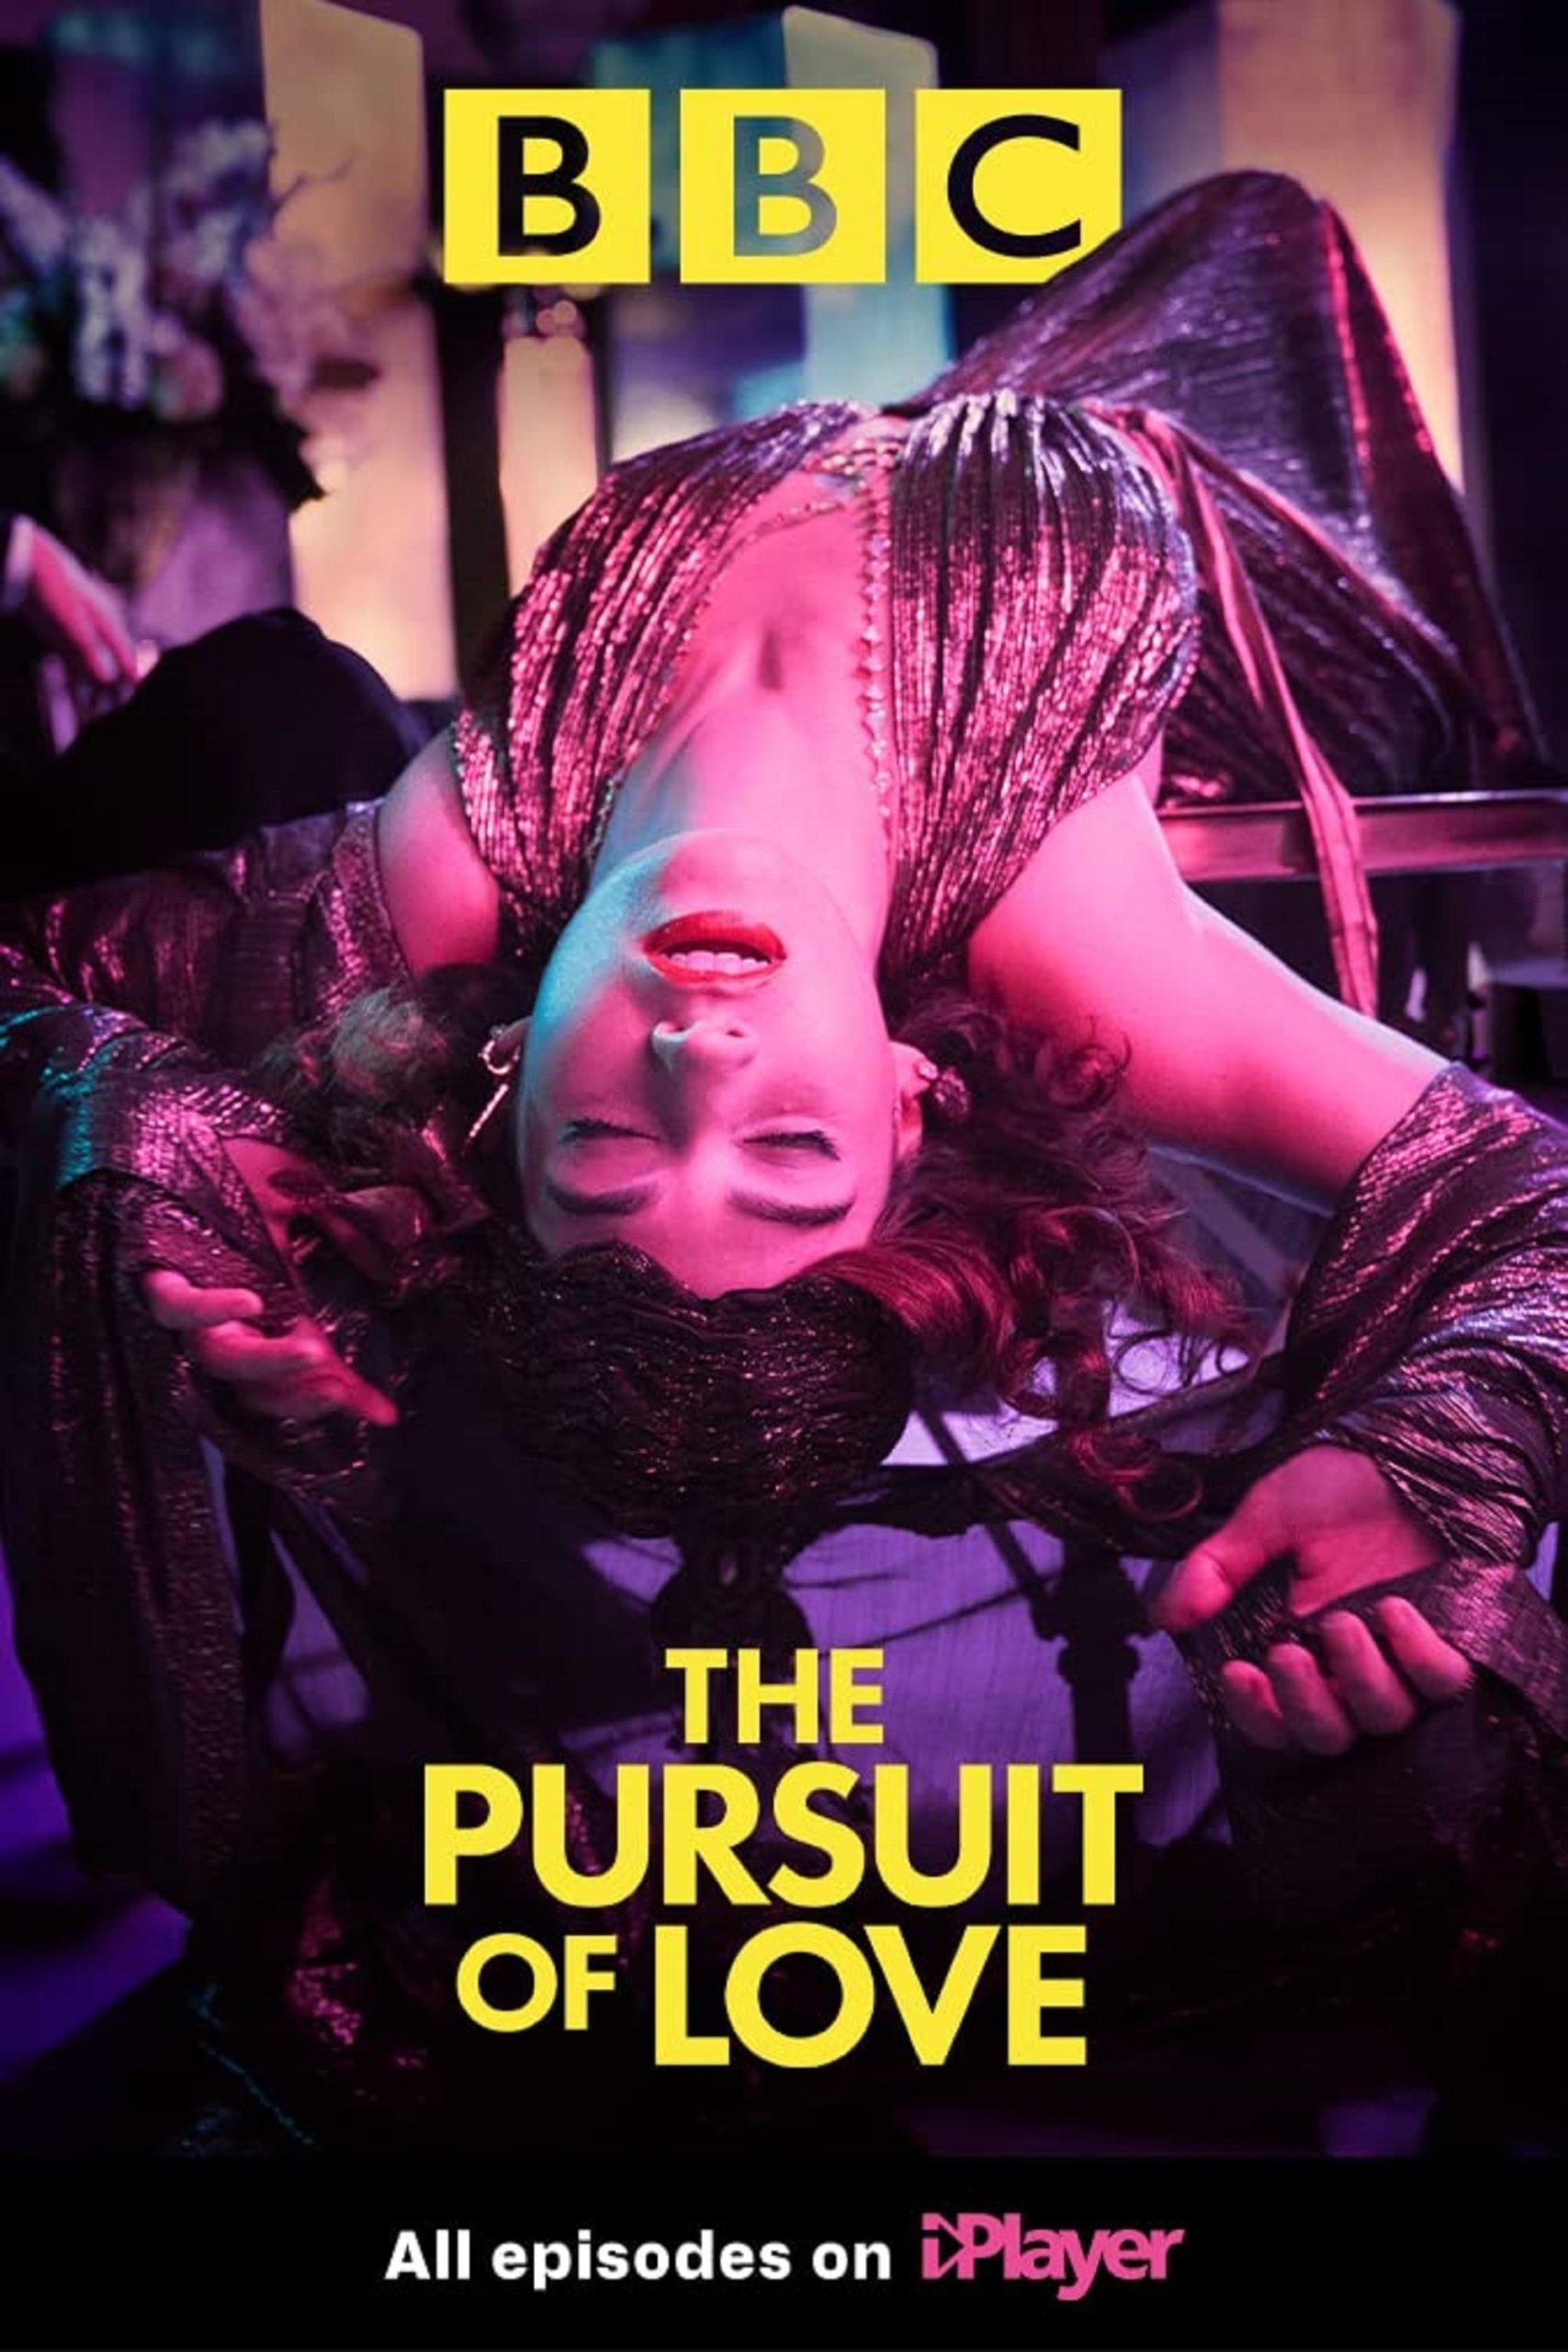 სიყვარულის ძიებაში / The Pursuit of Love